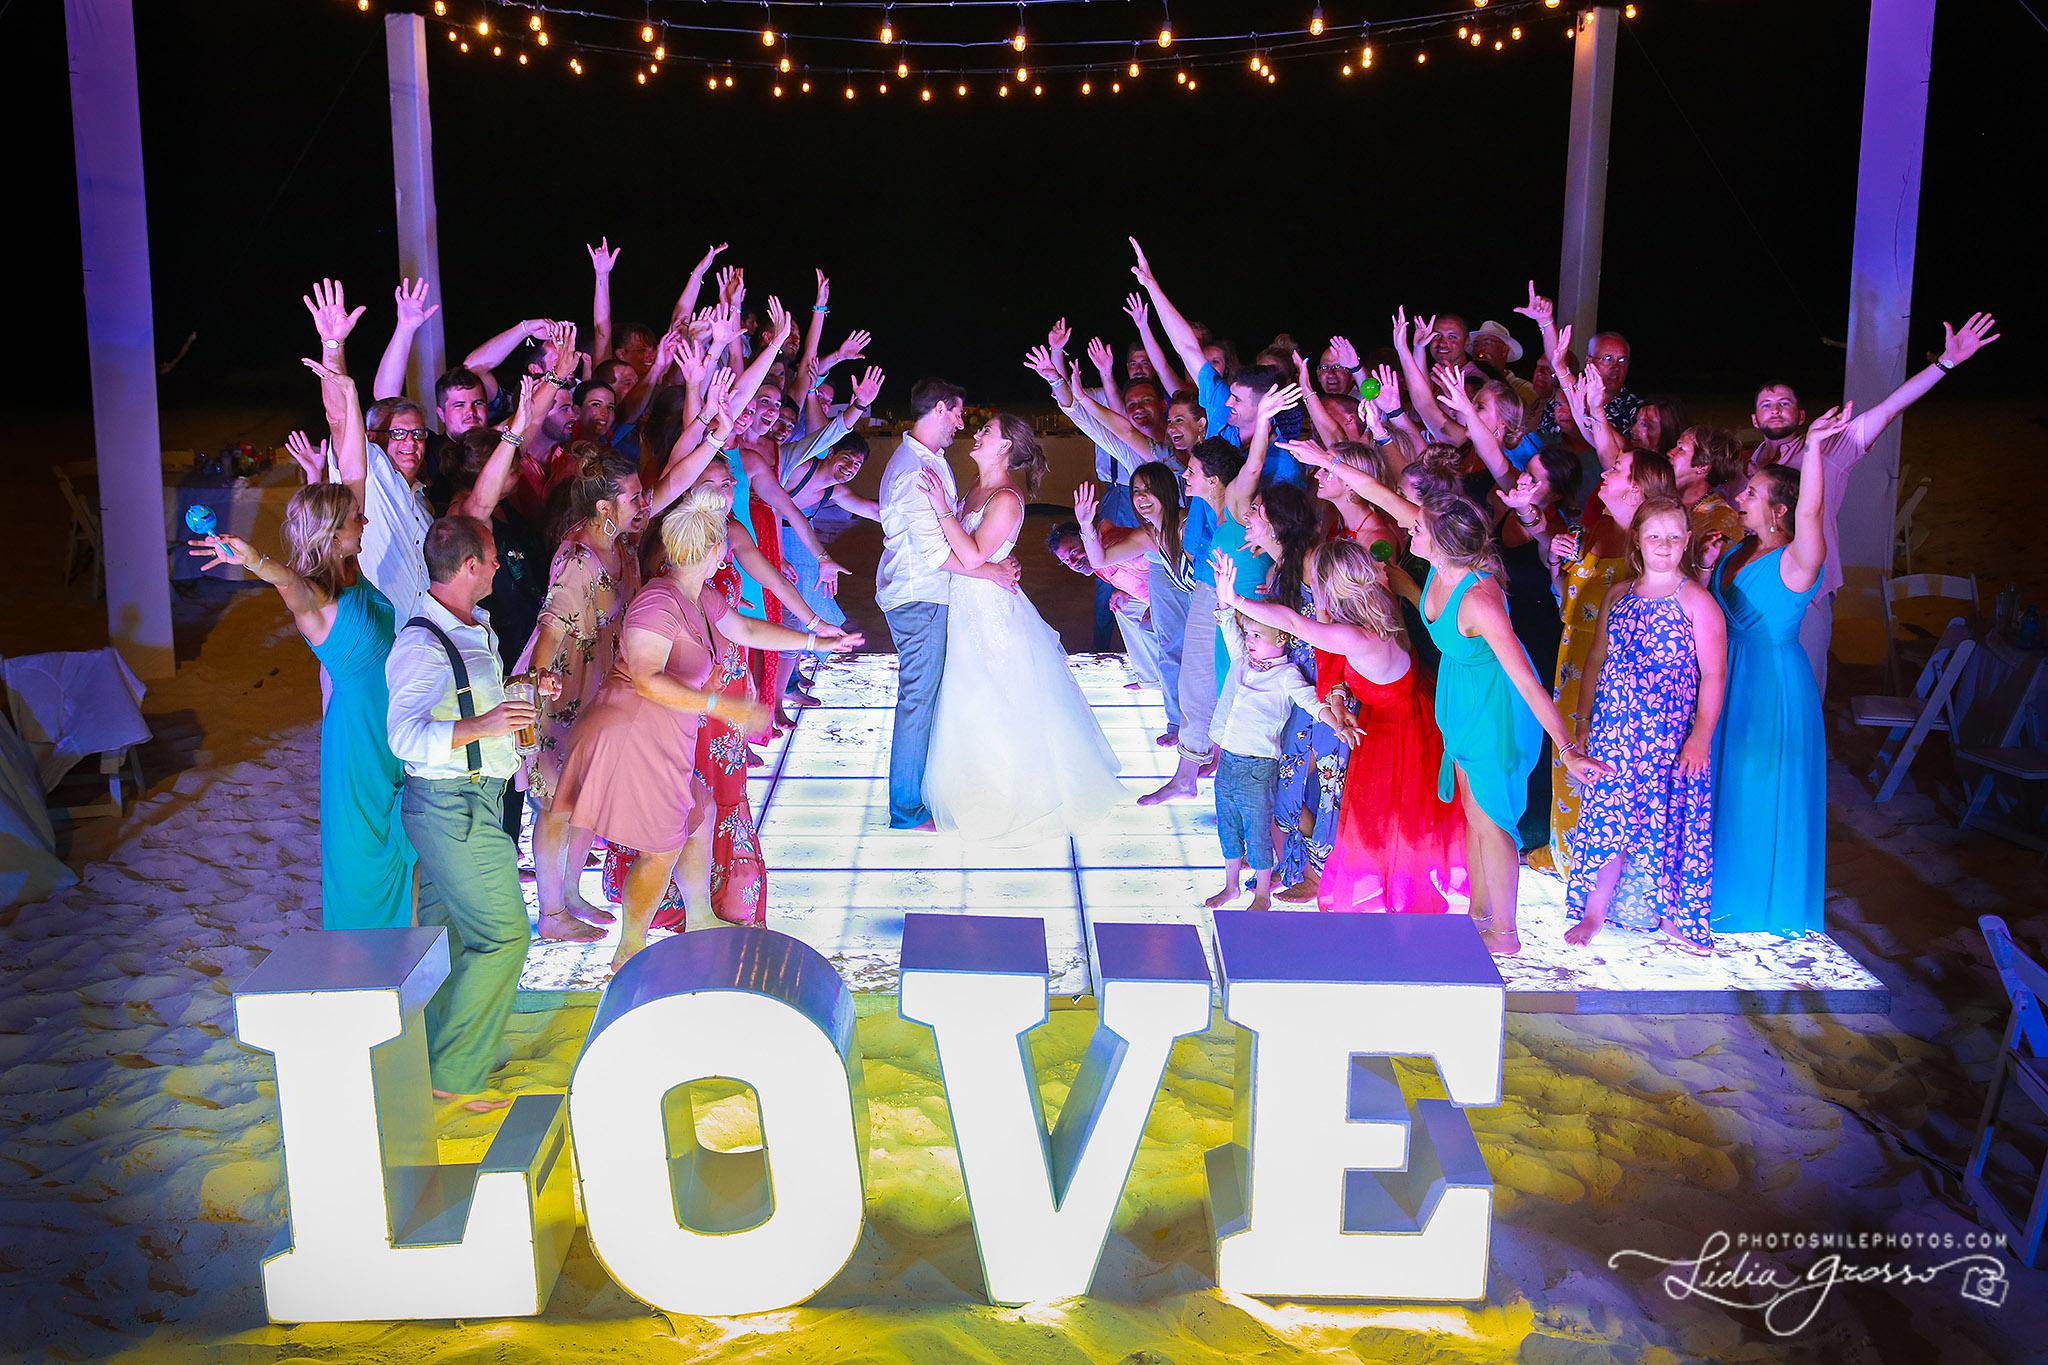 Erin-Chase-wedding-Royalton-Cancun-s.jpg